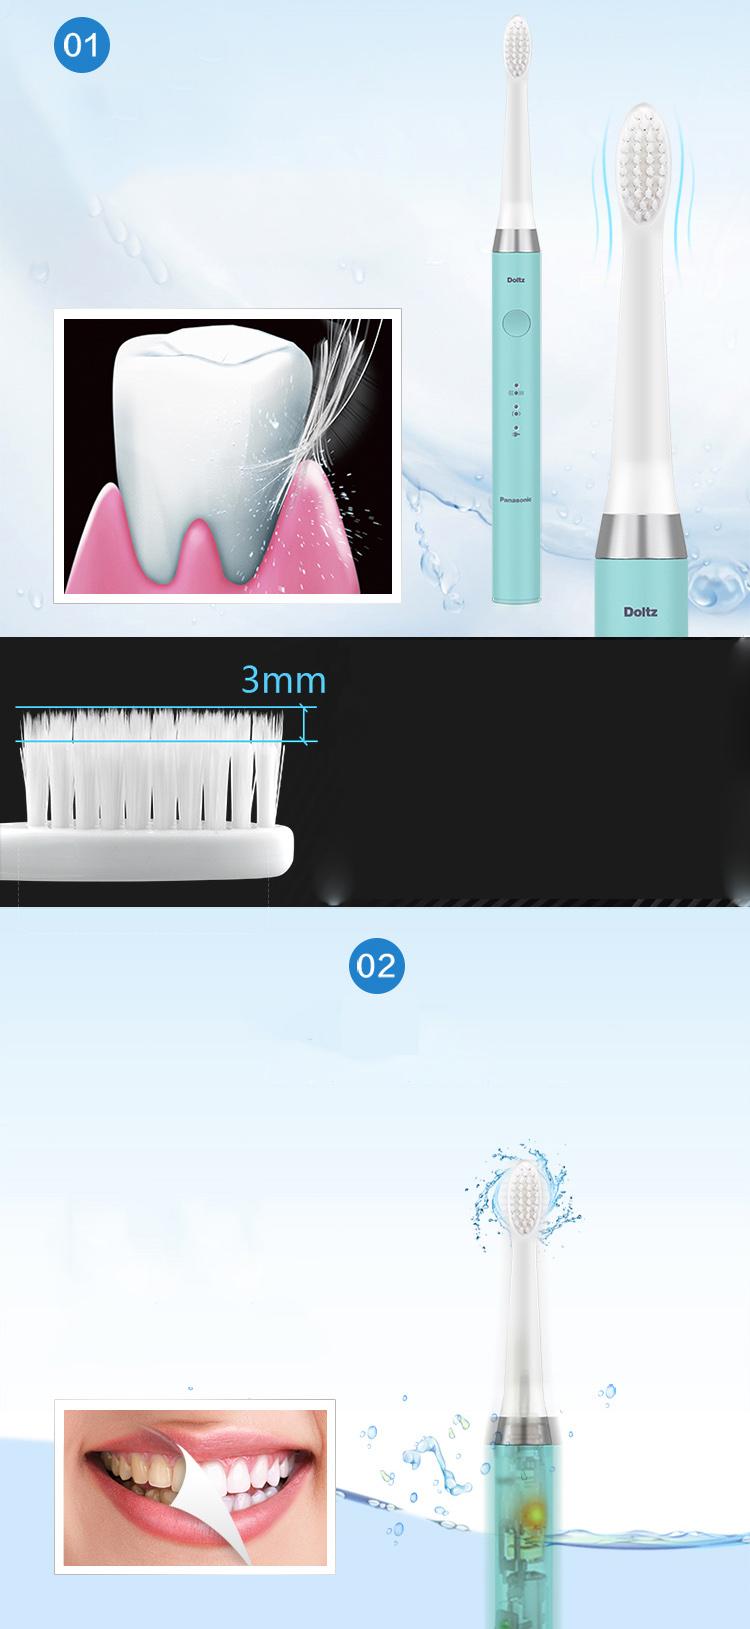 Bàn Chải Đánh Răng Điện Năng Panasonic EW-DM71-A405 Với Hai Chế Độ Làm Sạch Dựa Trên Sự Dao Động Âm Thanh